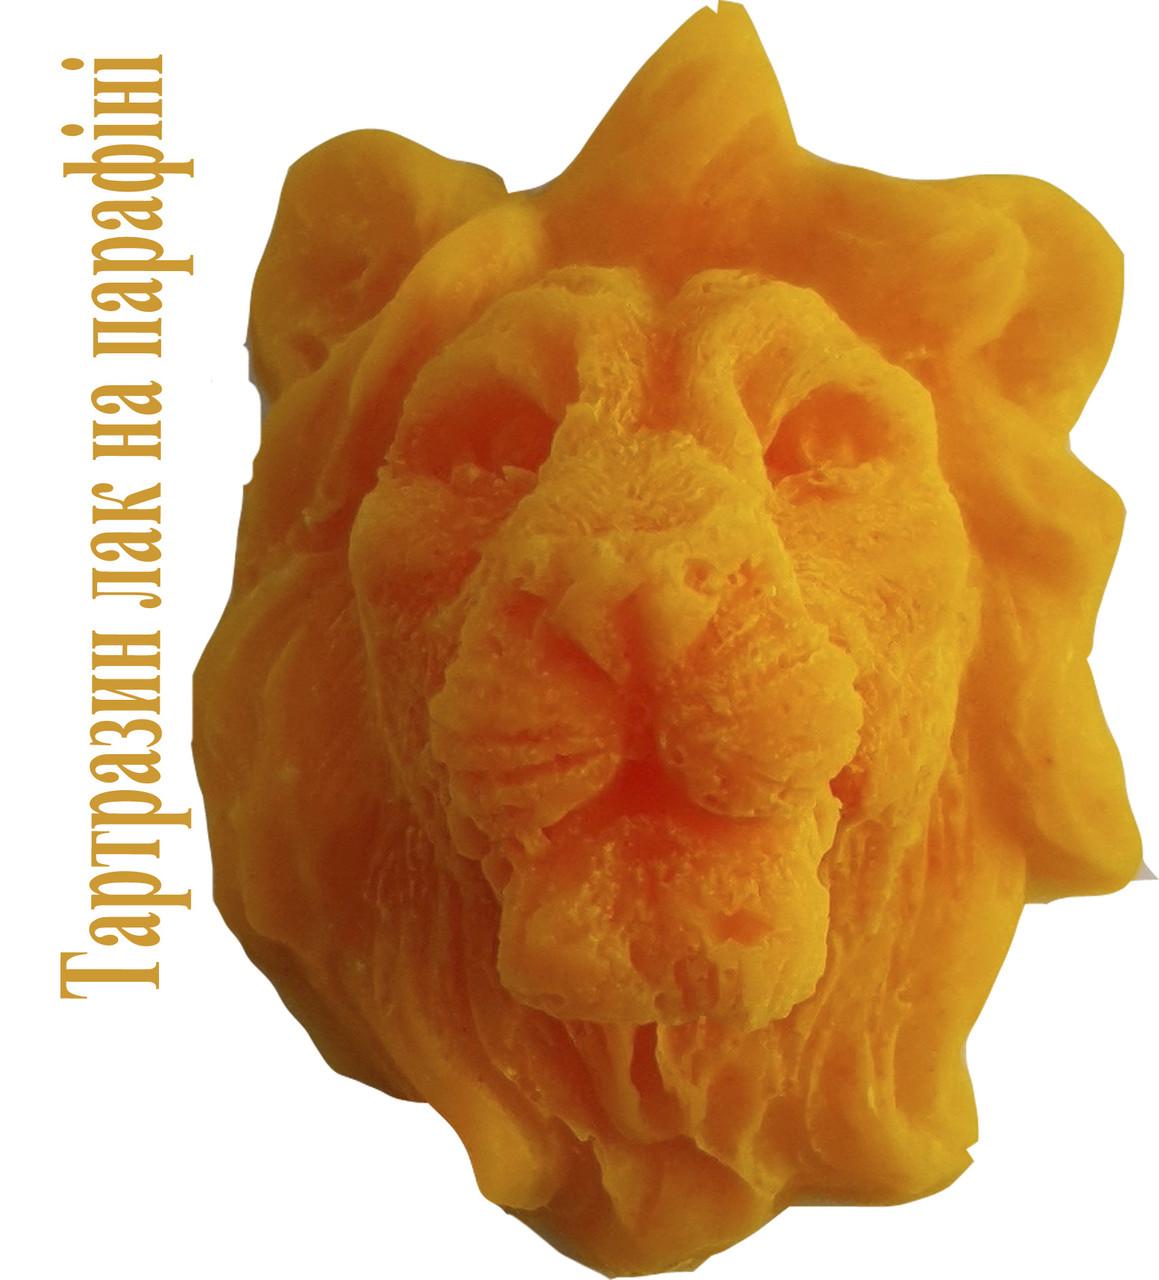 Барвник Тартразин порошок лак (Краситель тартразин) жирорастворимый для глазури мыла, воска,